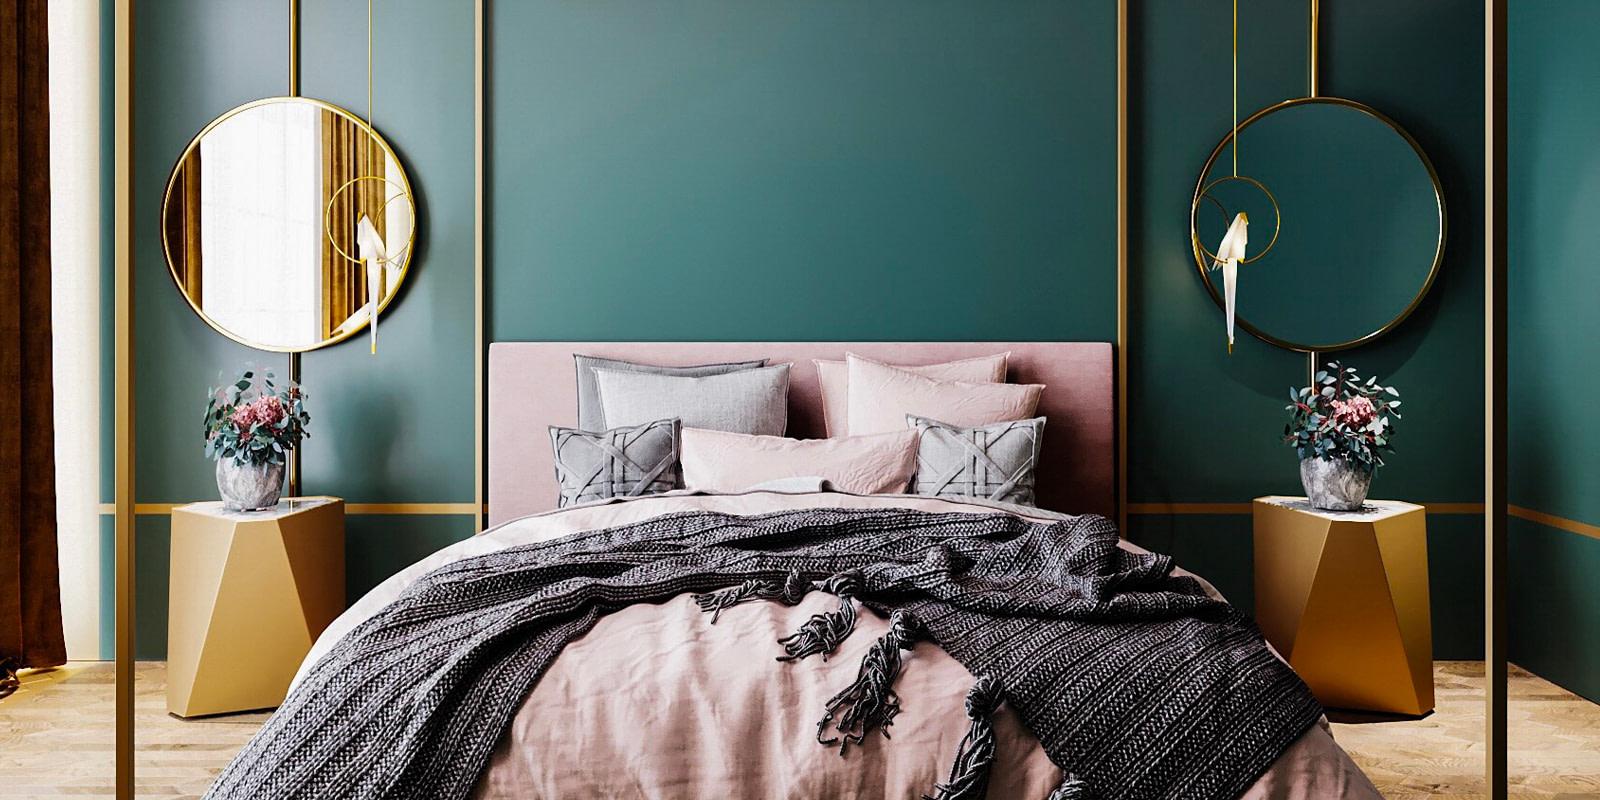 Woontrend 2019: Haal metallic kleuren in huis